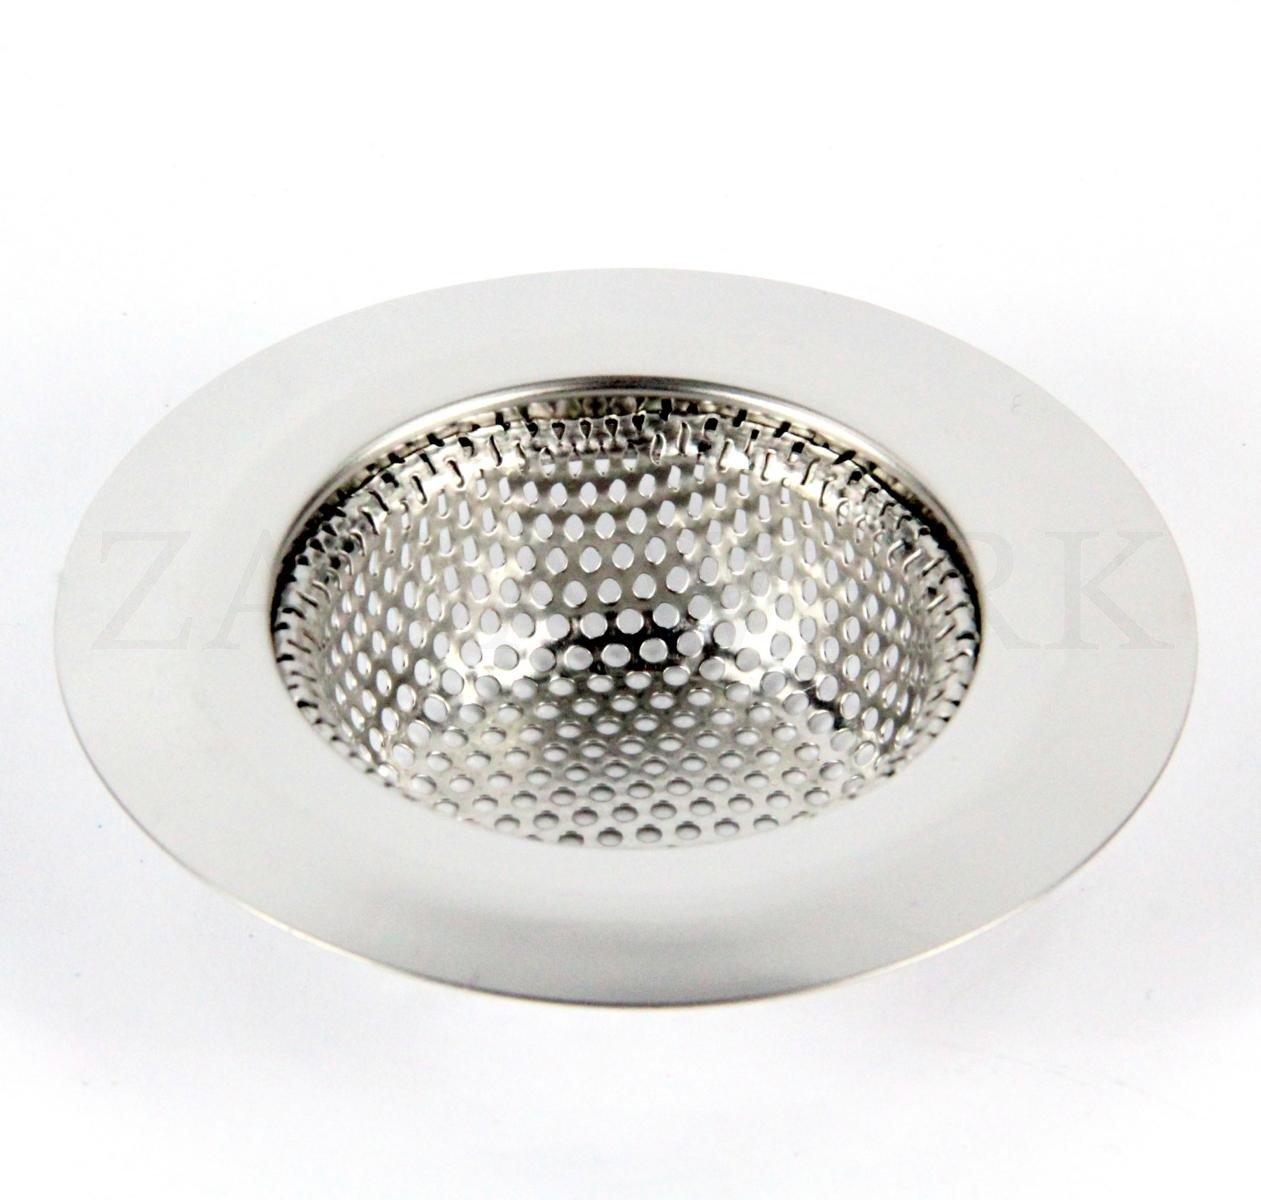 2 piezas ZADAWERK Kitchen/® Filtro de desag/üe grueso /Ø 11 cm fregadero